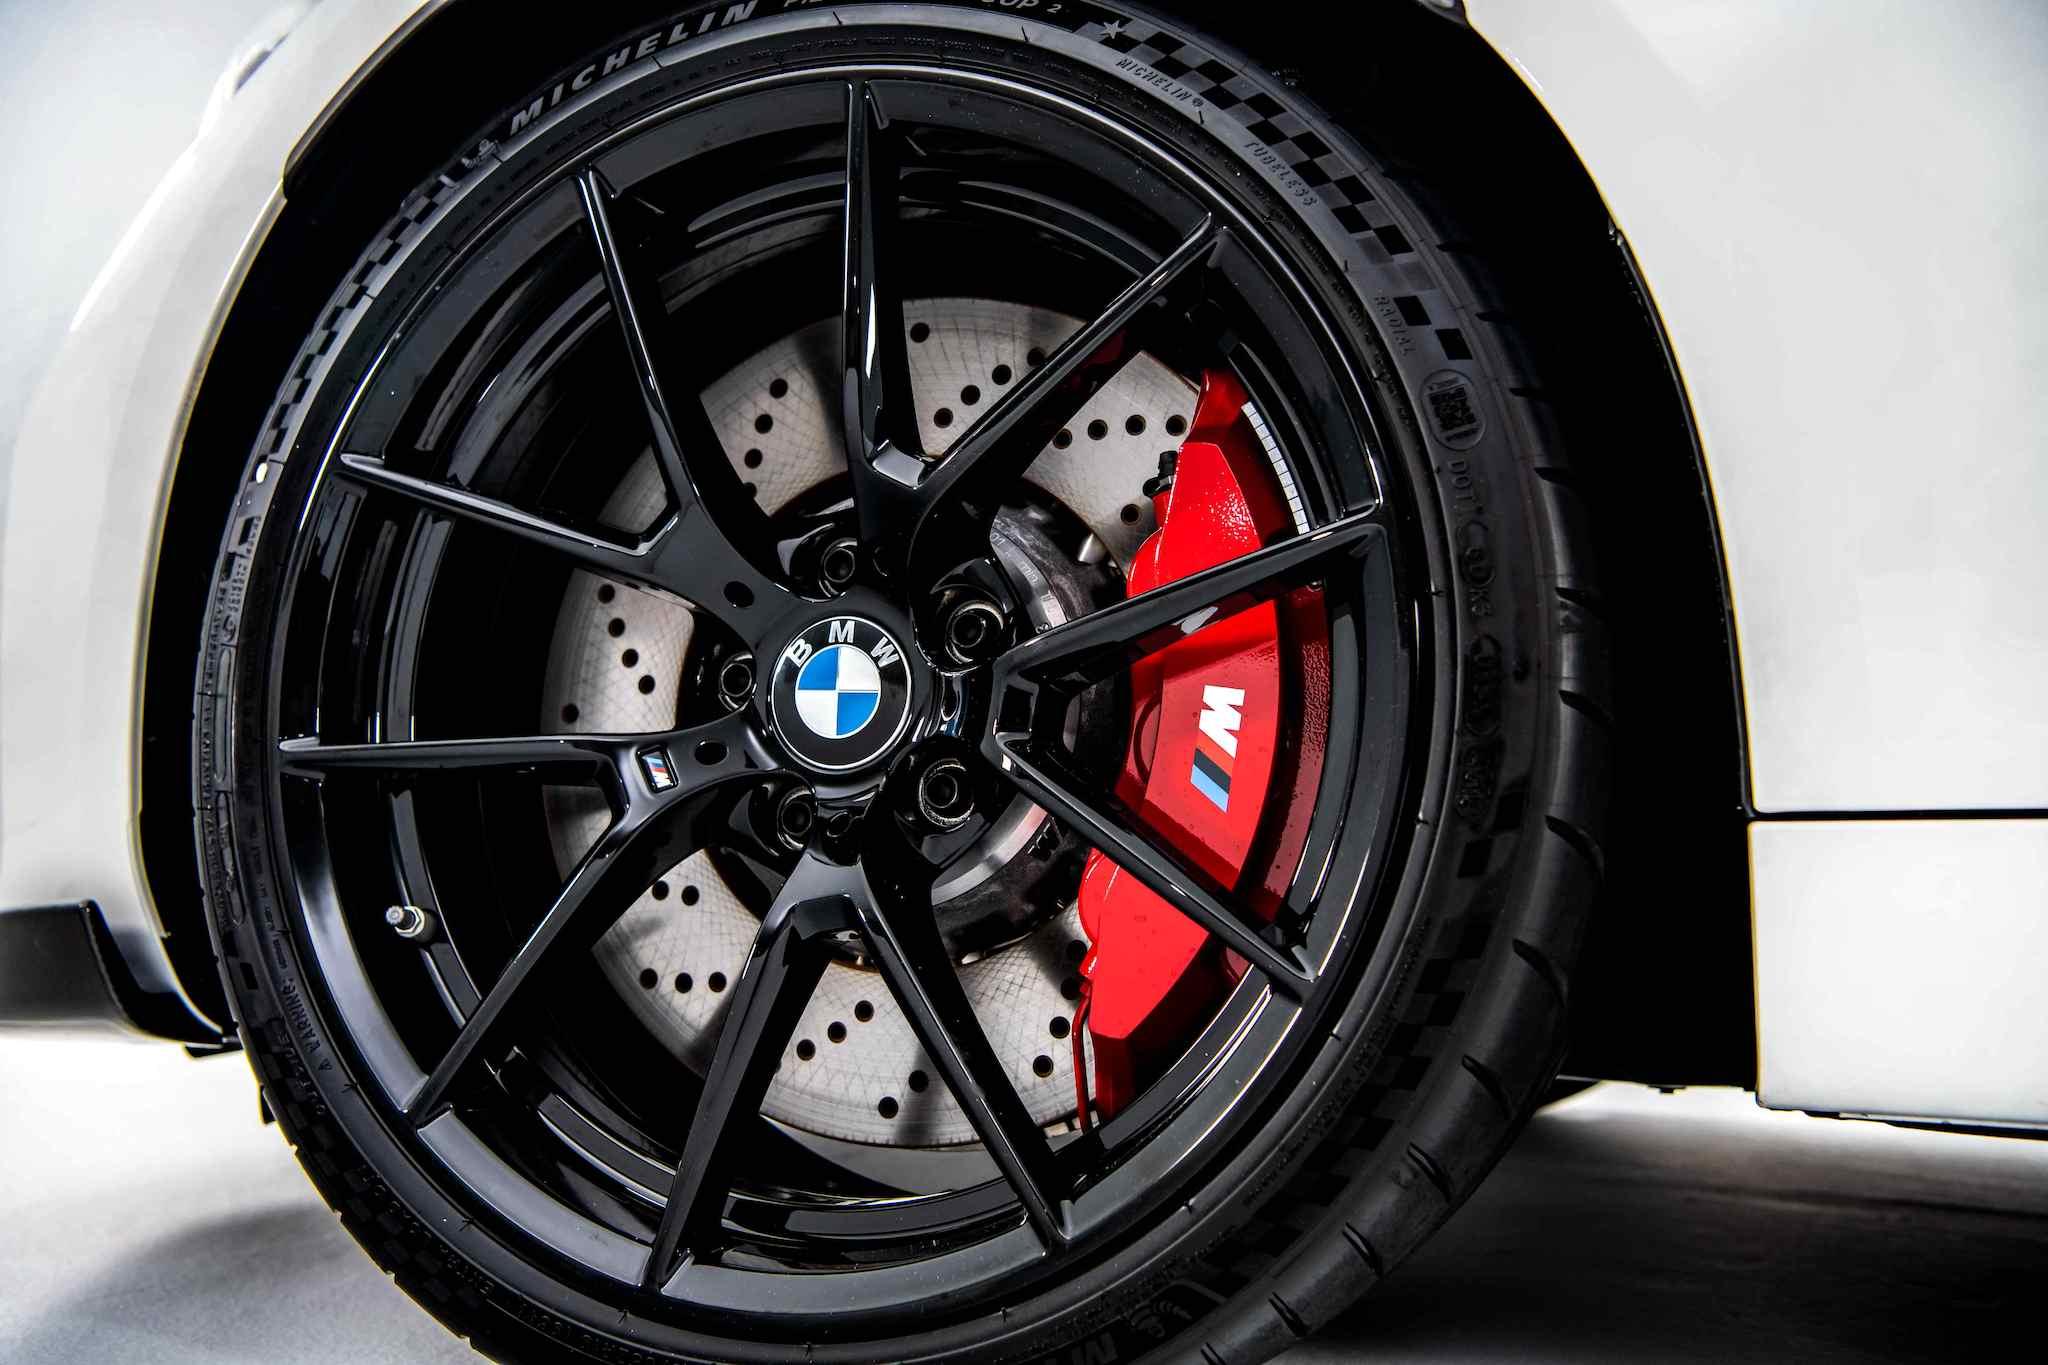 M2 CS 標準配備 19 吋黑色高光澤輕量化鍛造鋁圈,複合式通風碟盤與紅色造型前6後4活塞固定式卡鉗,搭配加大碟盤(前輪直徑400mm, 後輪直徑380mm)。